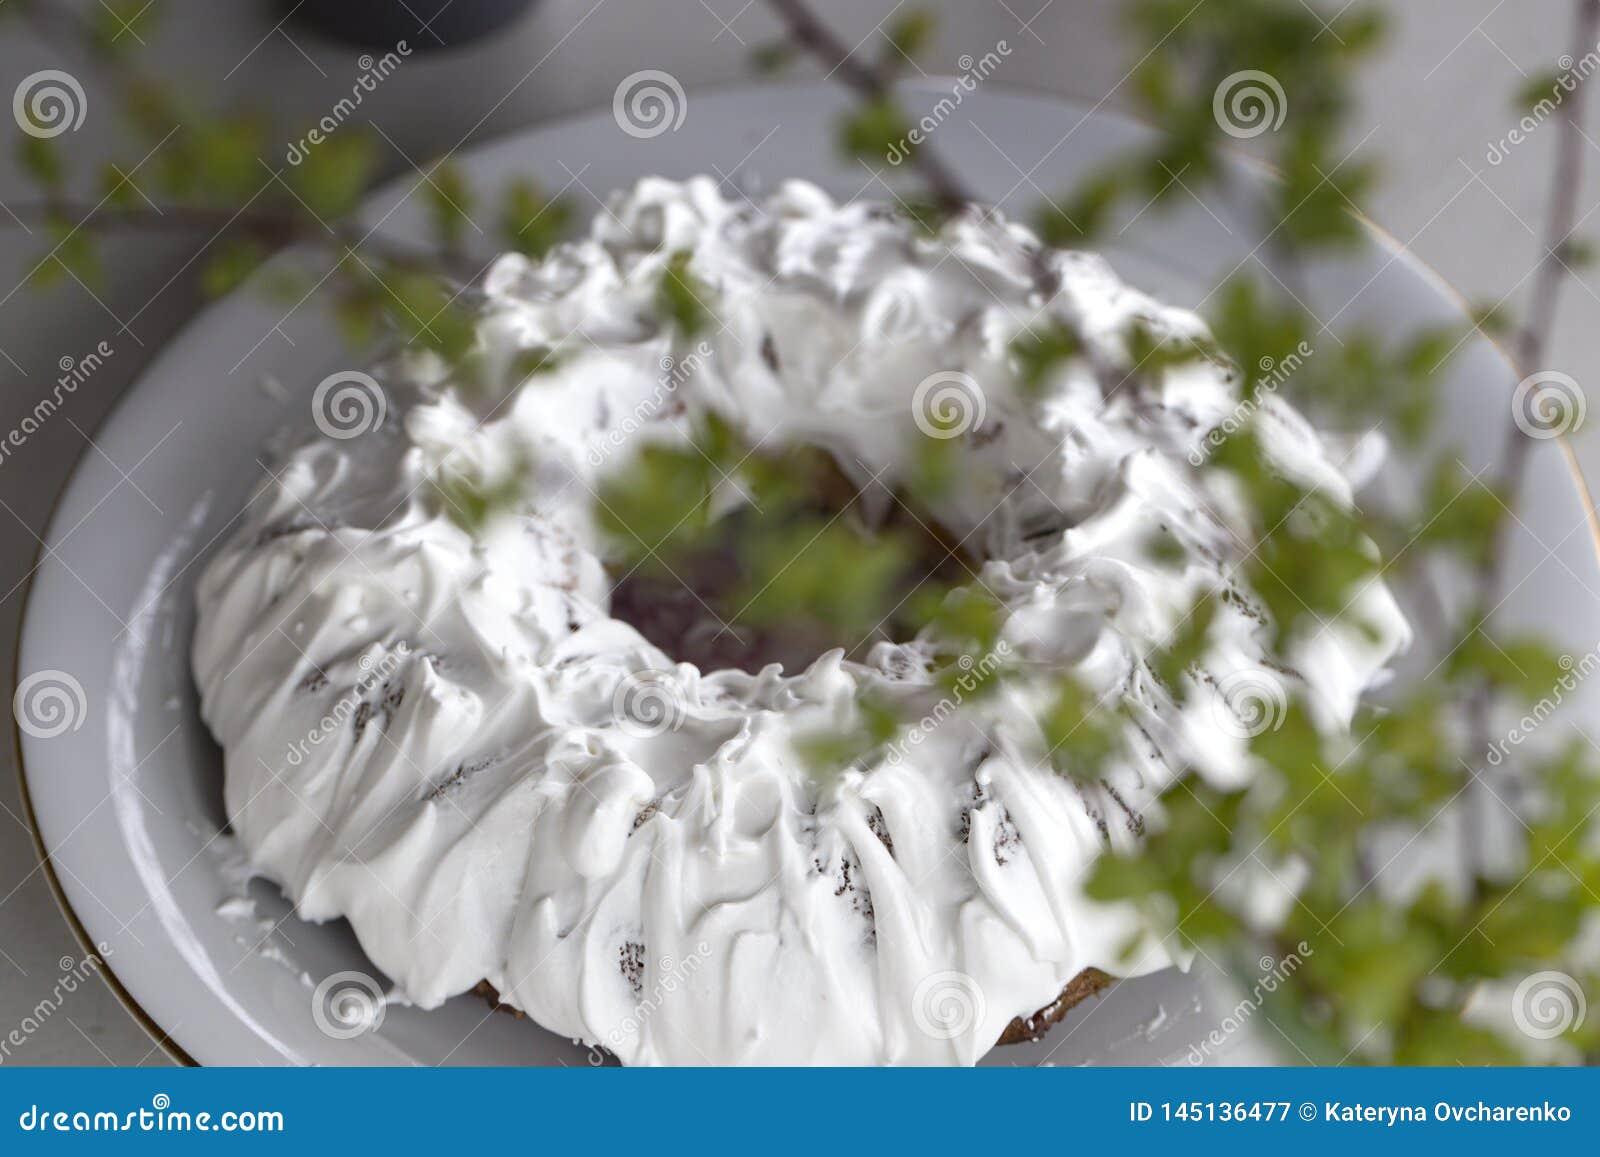 Домодельный торт с чаем Торт с замороженностью сахара Домодельный торт в форме кольца с чашками чаю или кофе на белой таблице